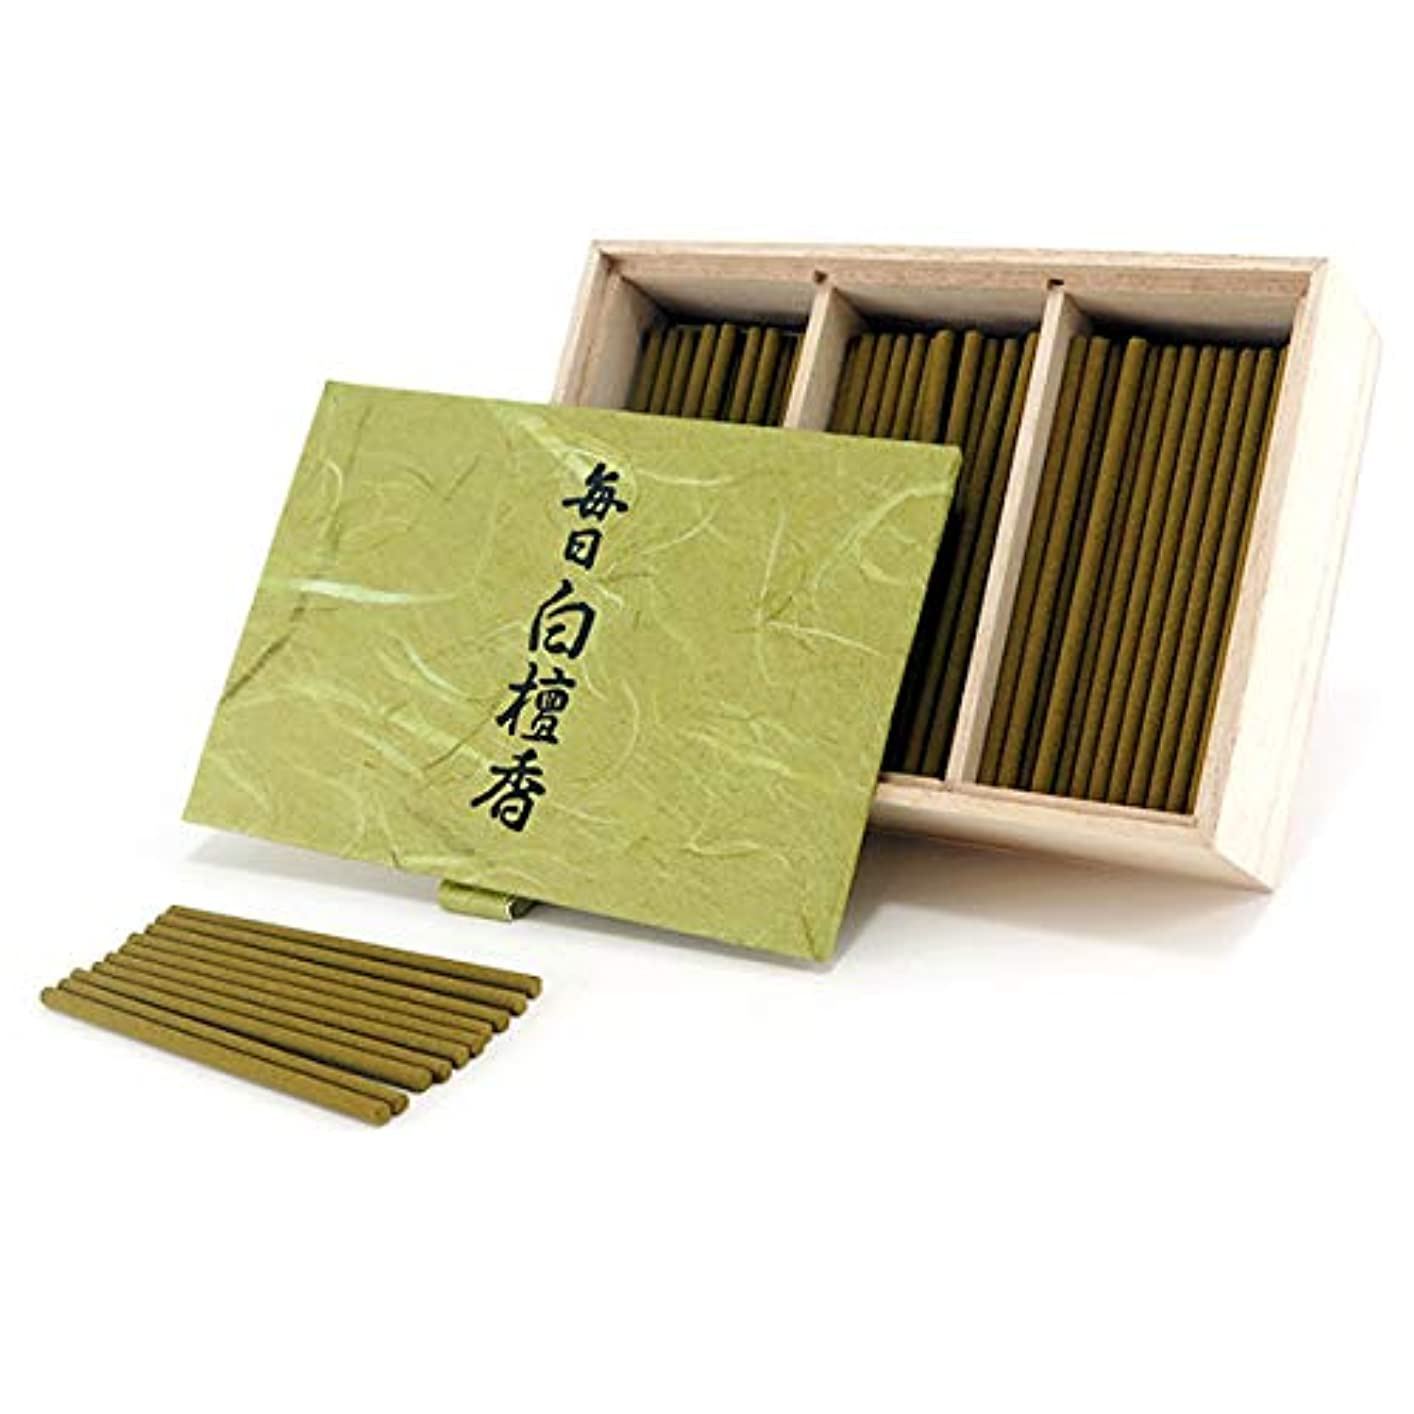 引き出す起点一日本香堂のお香 毎日白檀香 スティックミニ寸お徳用150本入り